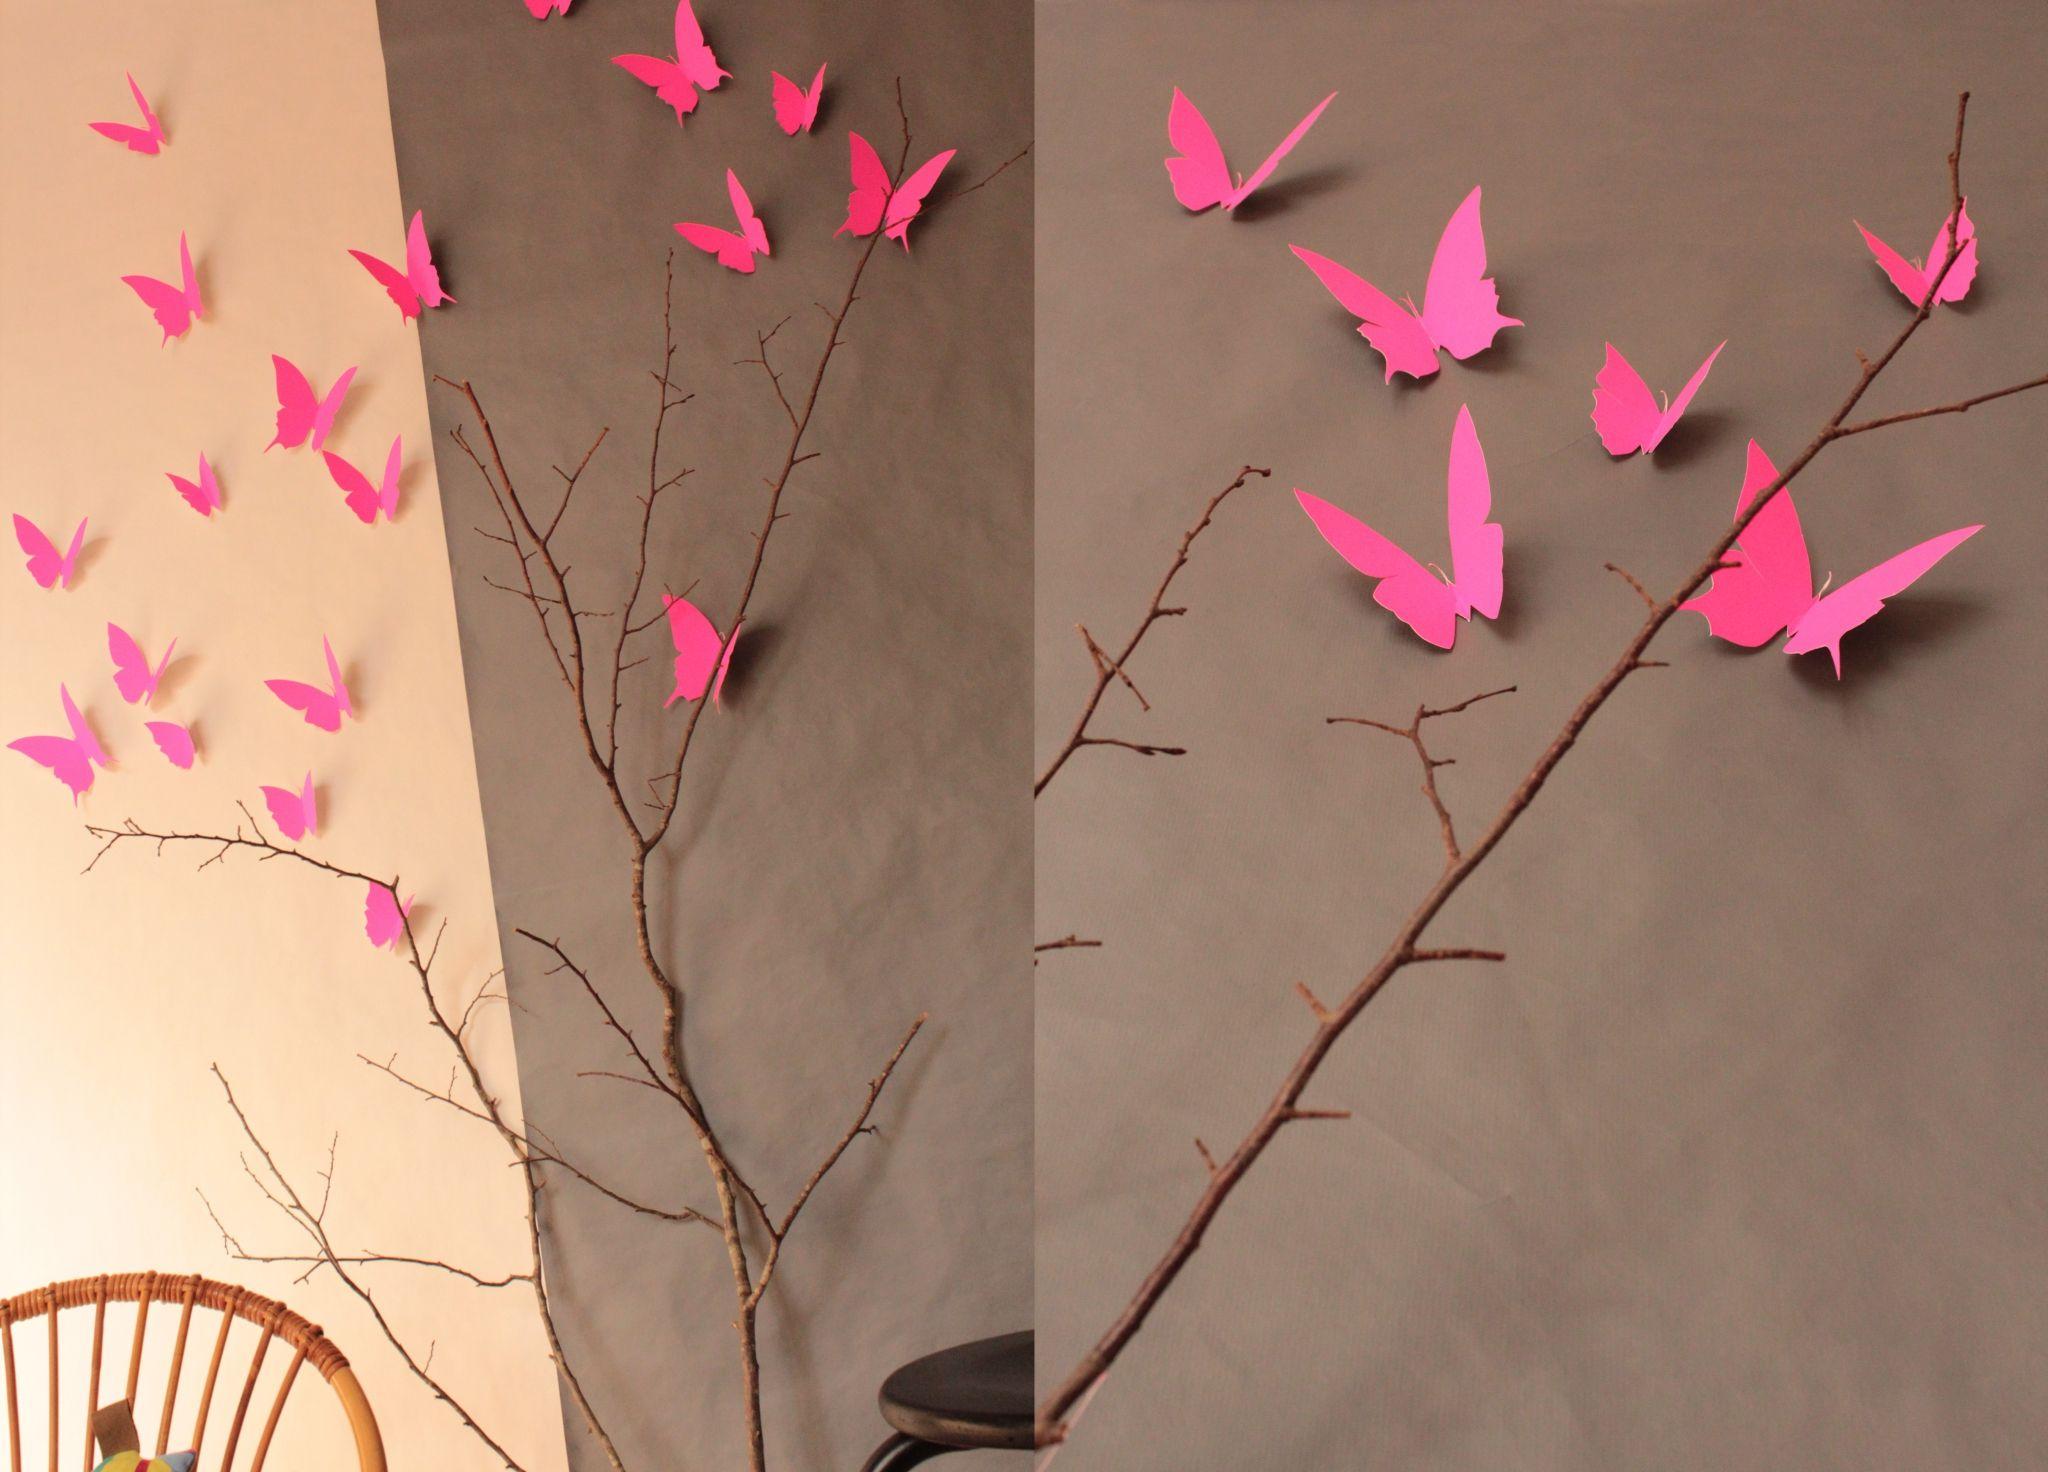 chambre rose fluo | décoration murale papier envolée de papillons ...